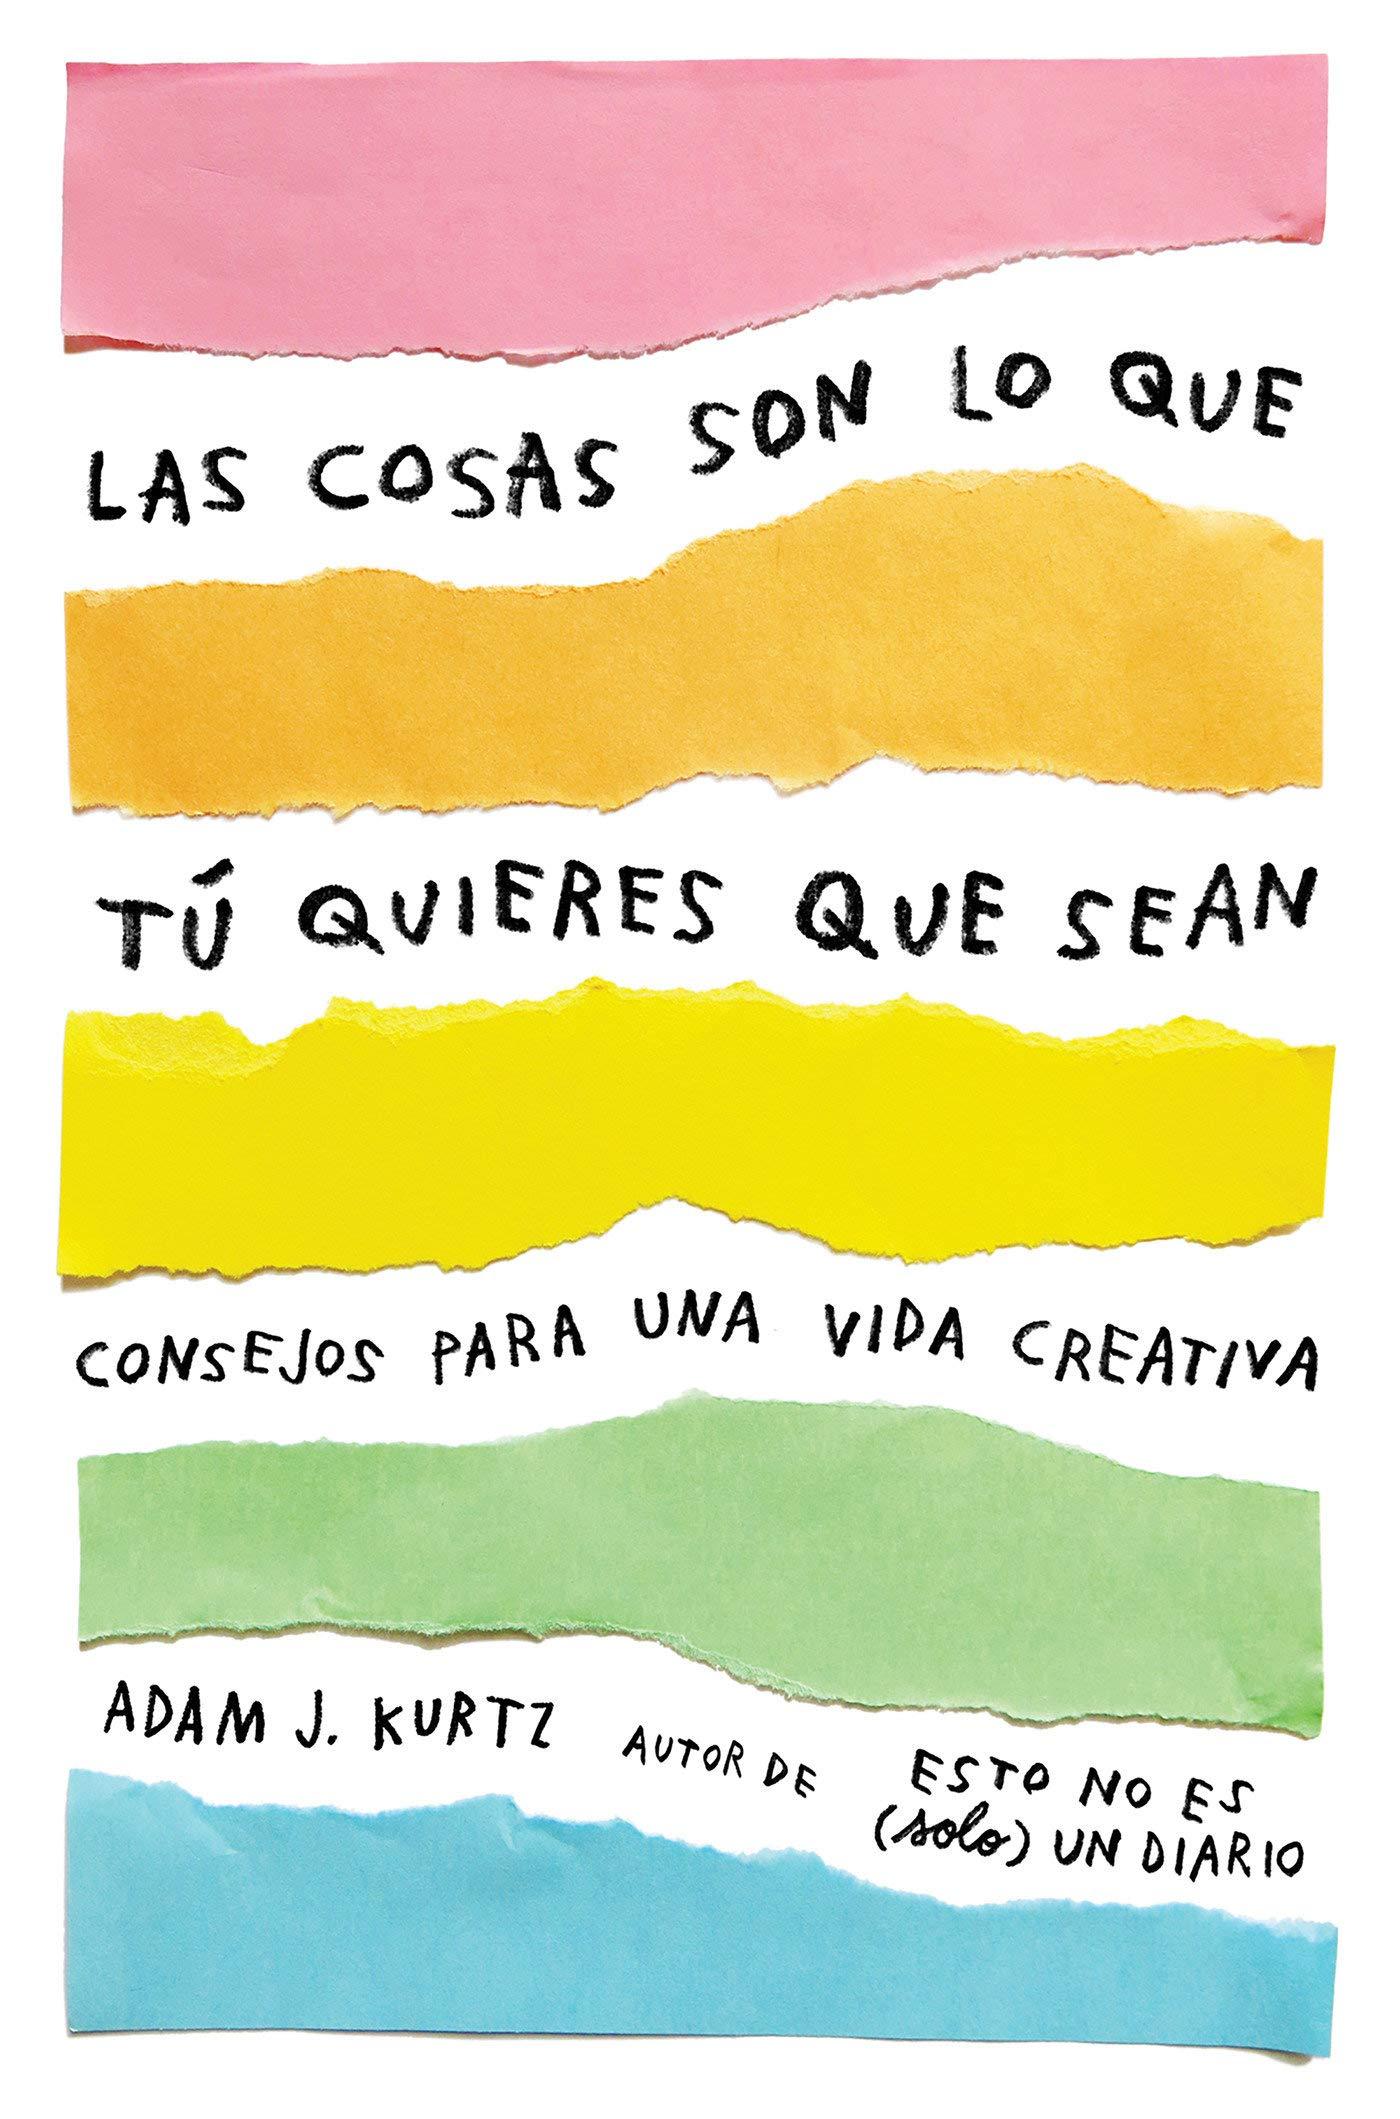 Las cosas son lo que tú quieres que sean: Consejos para una vida creativa  OBRAS DIVERSAS: Amazon.es: Adam J. Kurtz, Manuel Viciano Delibano;: Libros